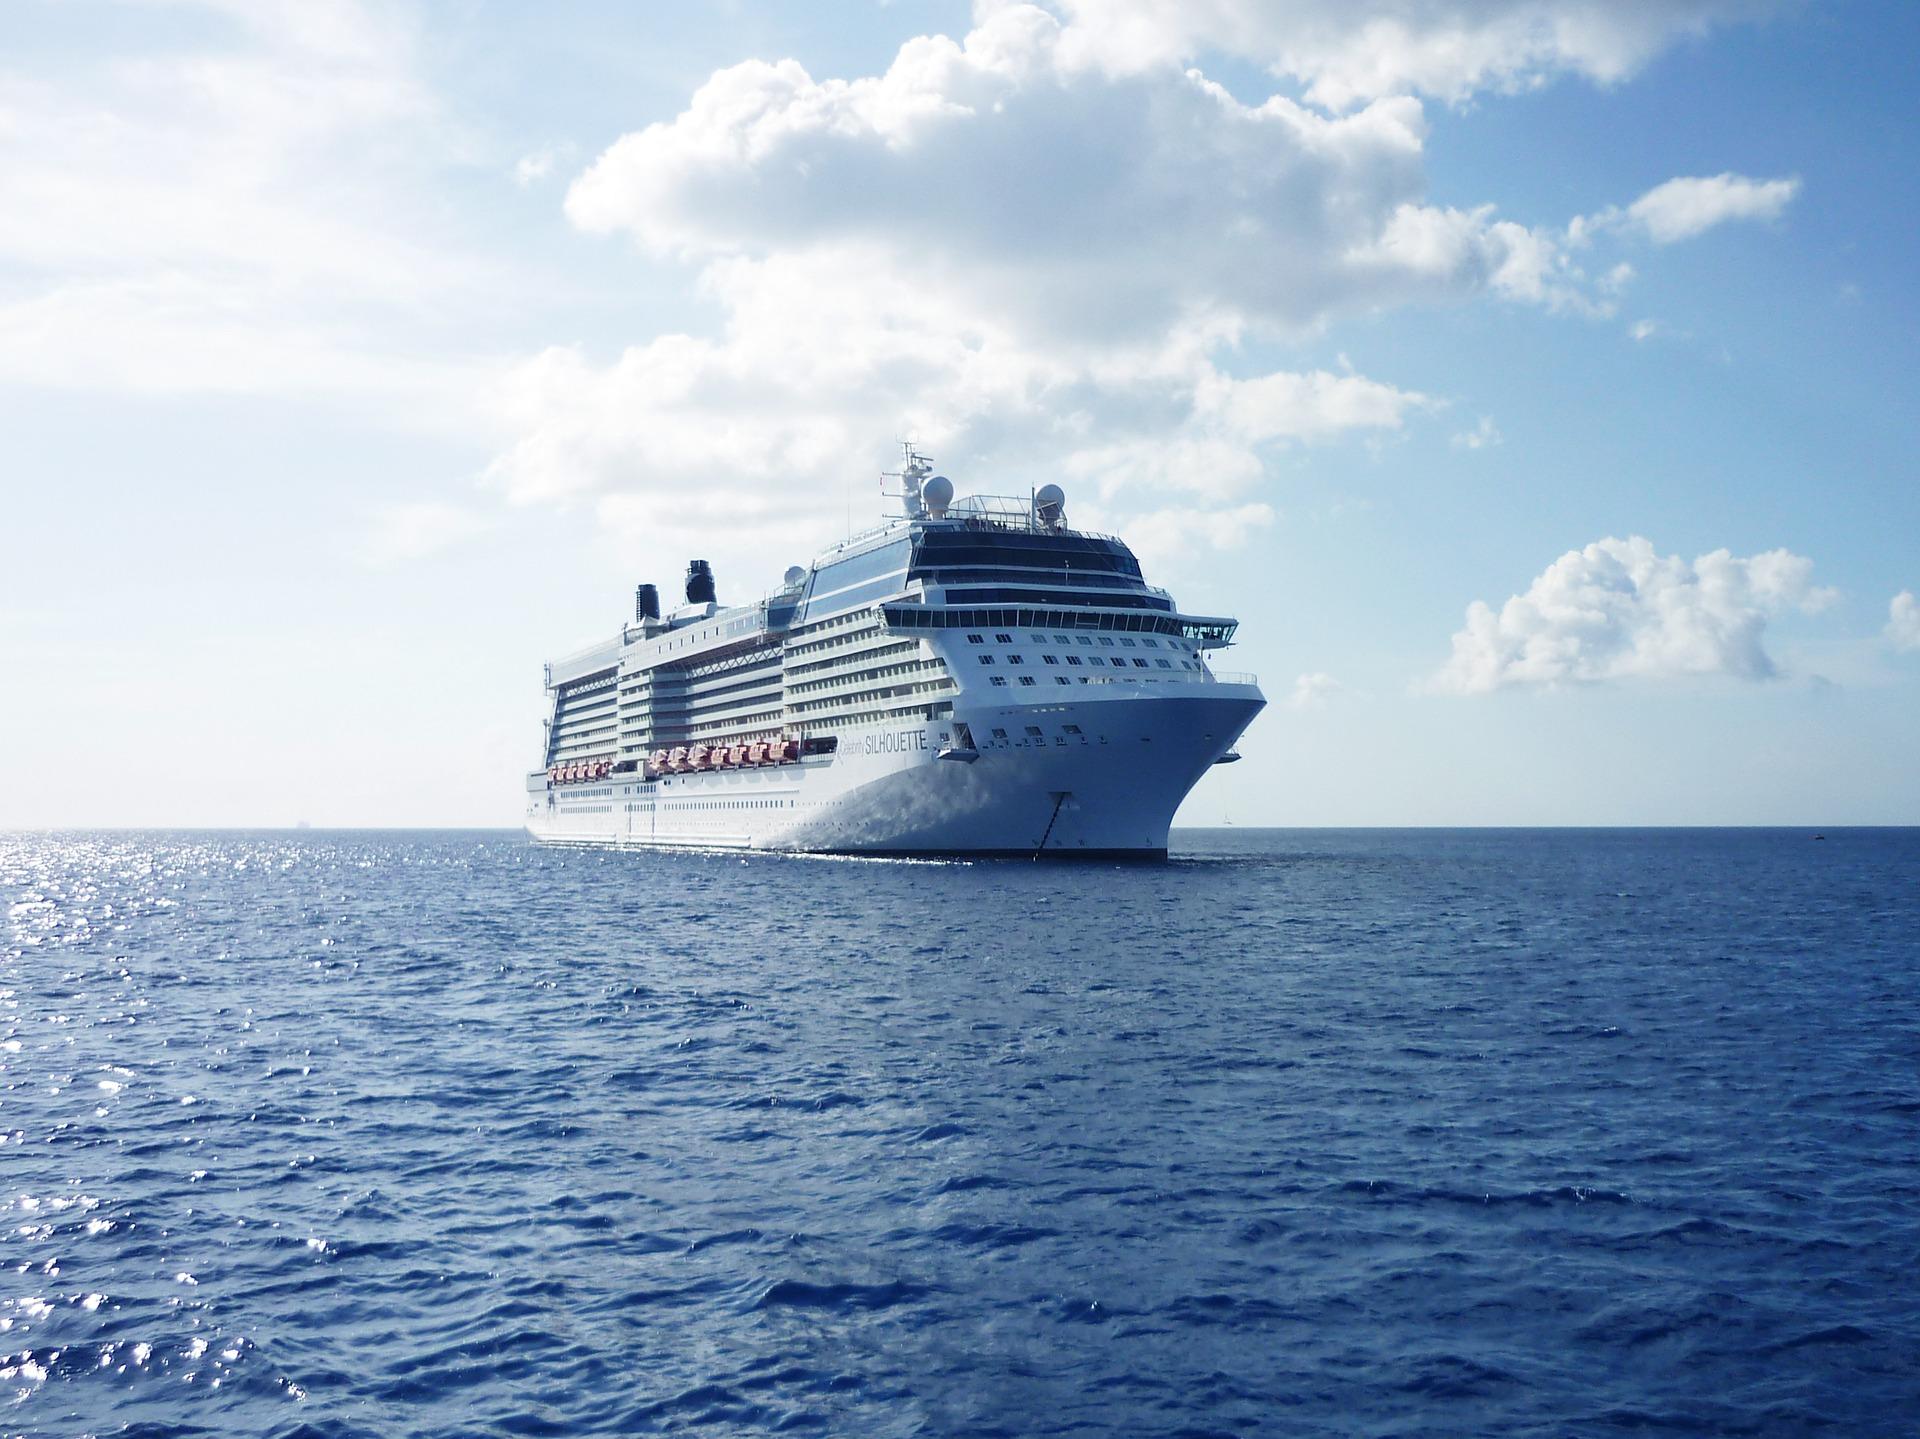 cruise-ship-788369_1920.jpg